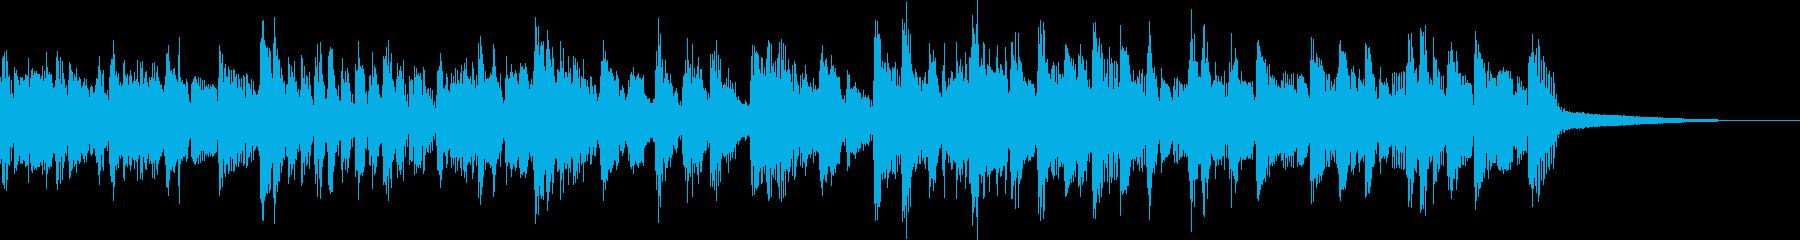 オルガンが印象的なポップなジングルの再生済みの波形